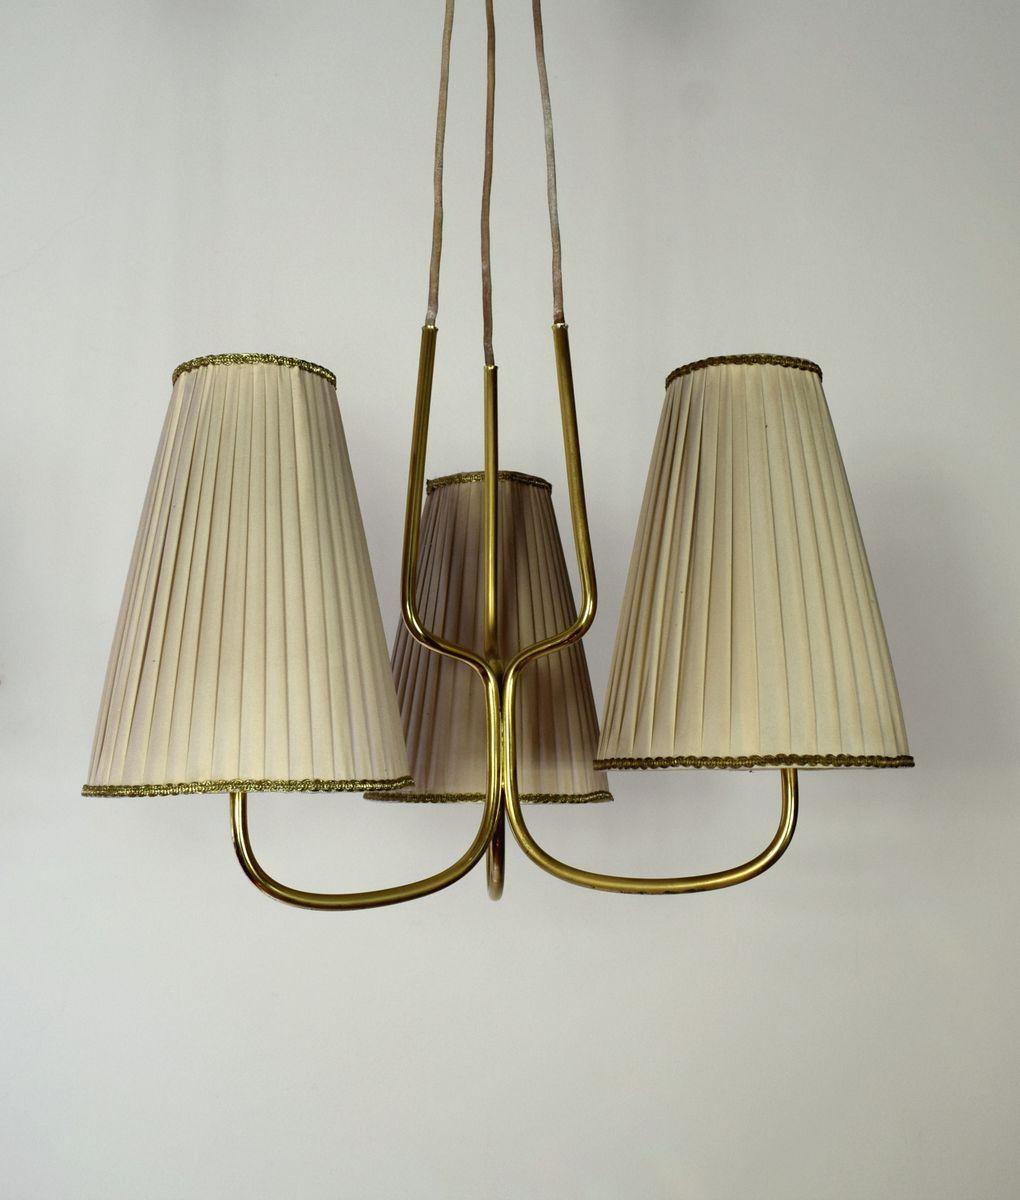 sterreichische h ngelampe mit drei leuchten 1930er bei. Black Bedroom Furniture Sets. Home Design Ideas